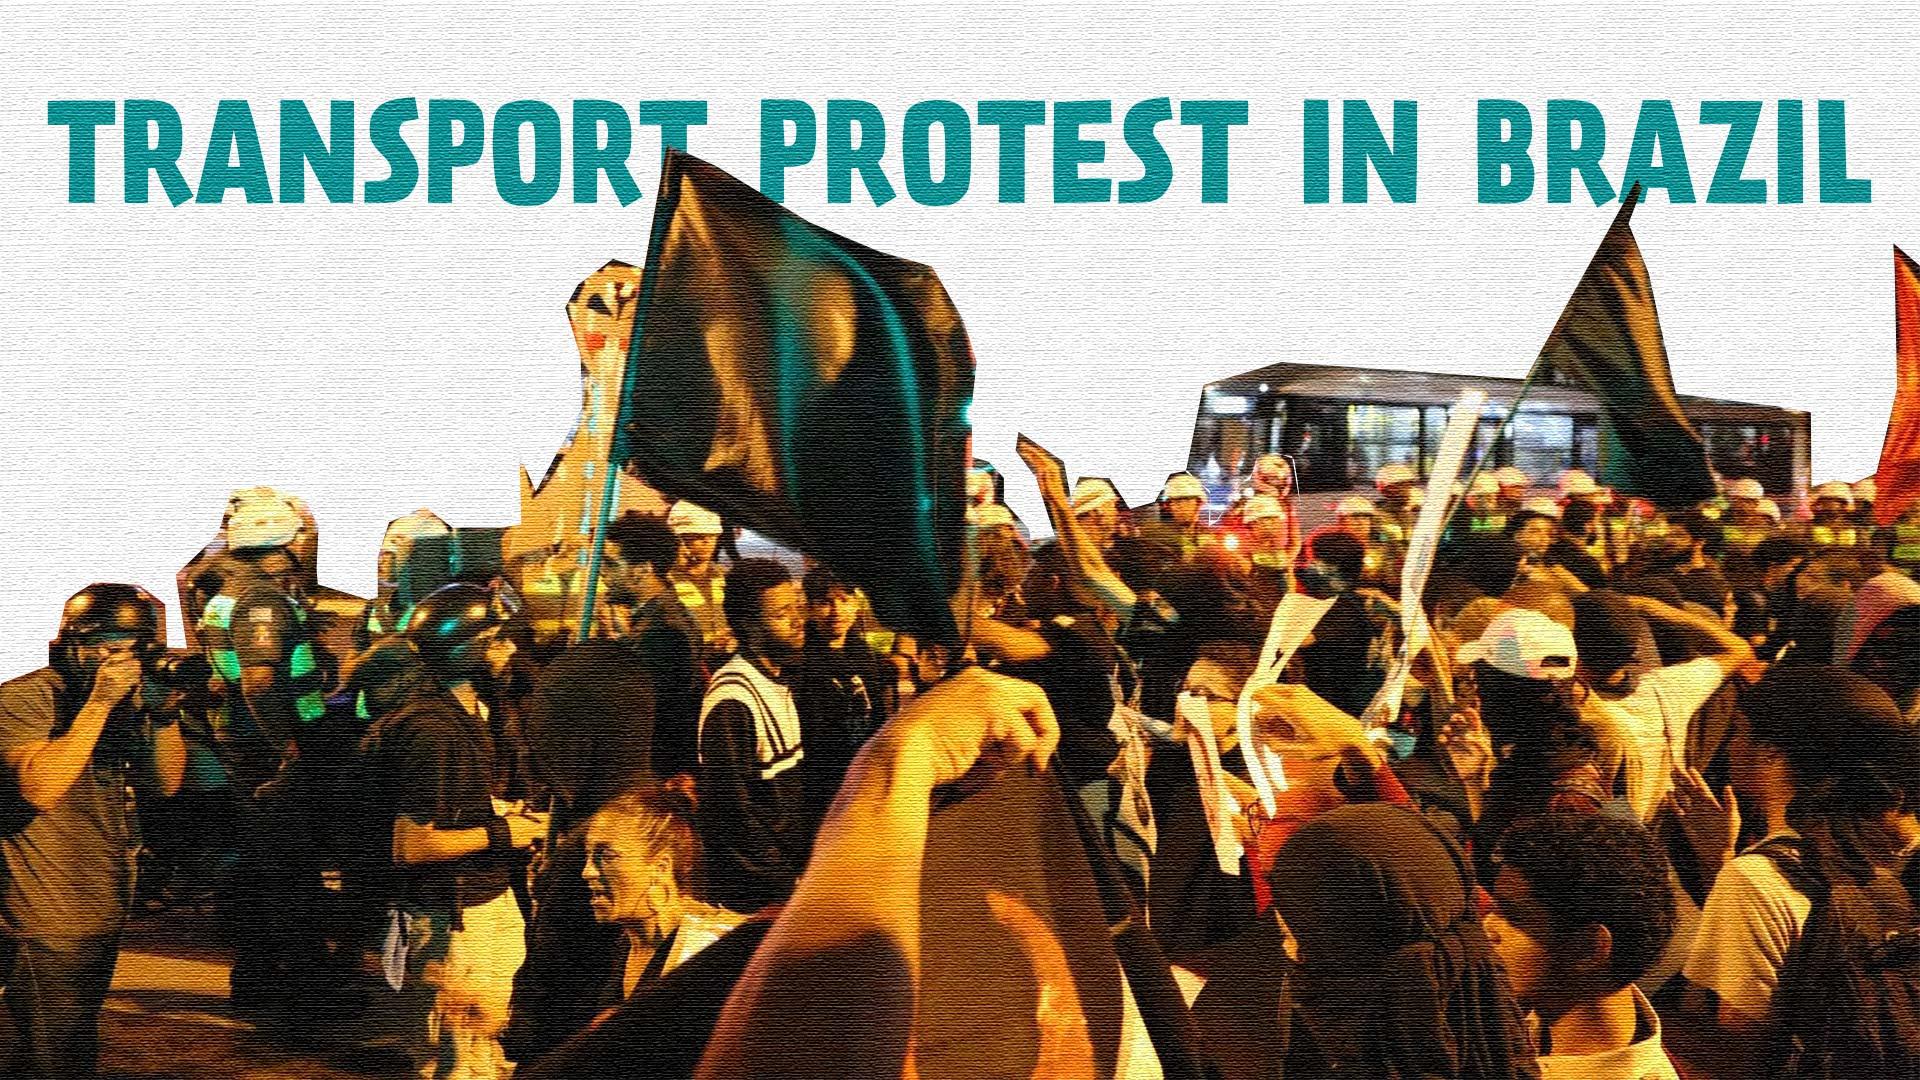 TRANSPORT PROTEST IN BRAZIL